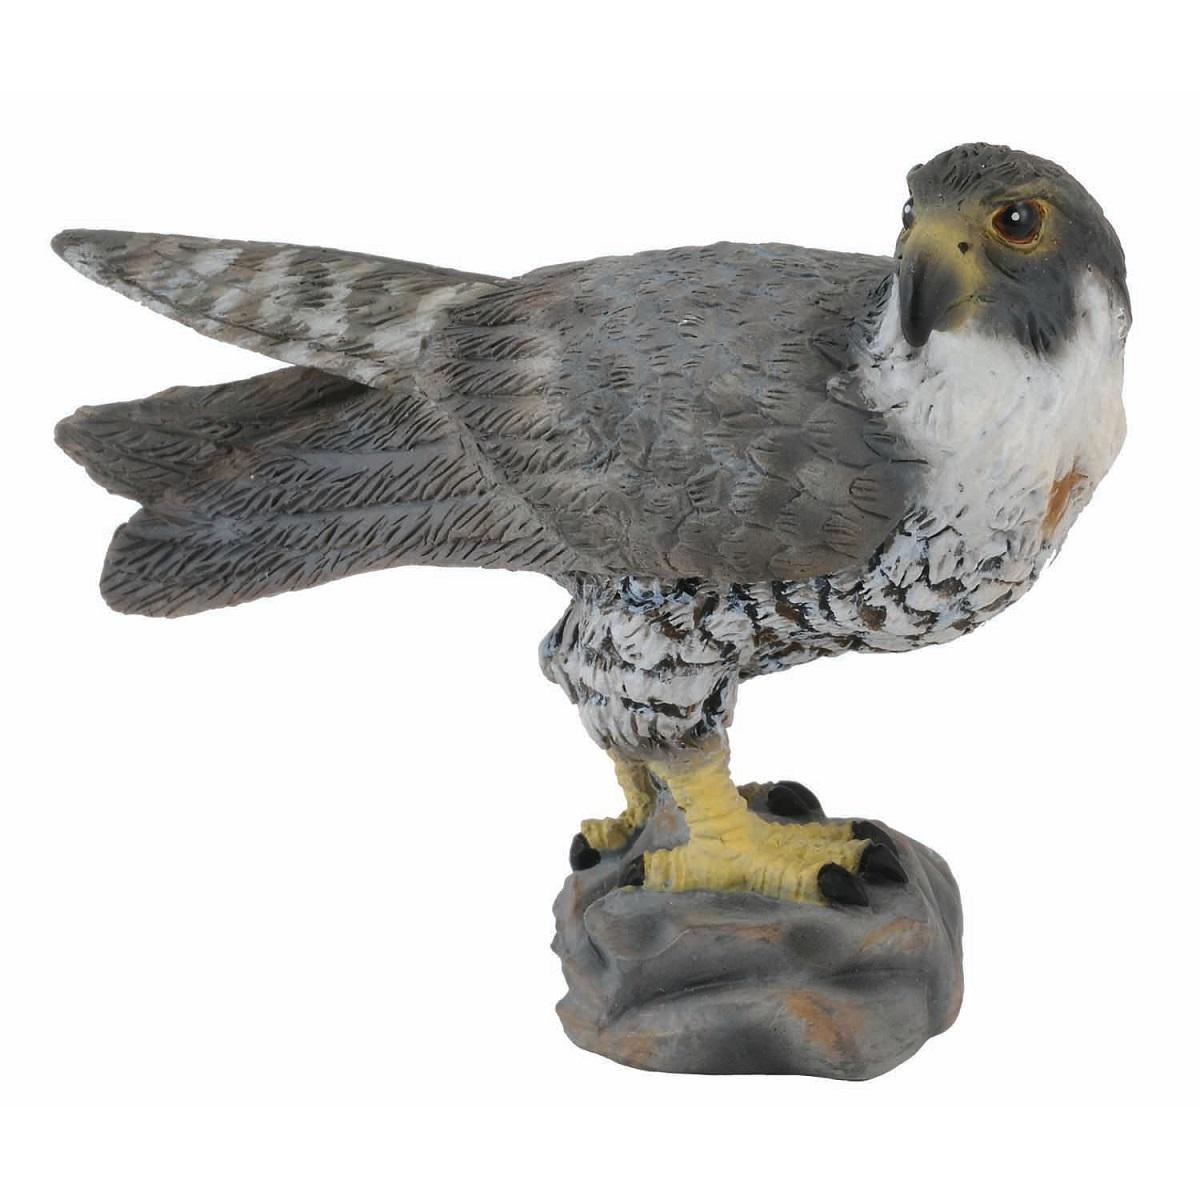 Купить со скидкой Фигурка Gulliver Collecta - Сокол, размер S